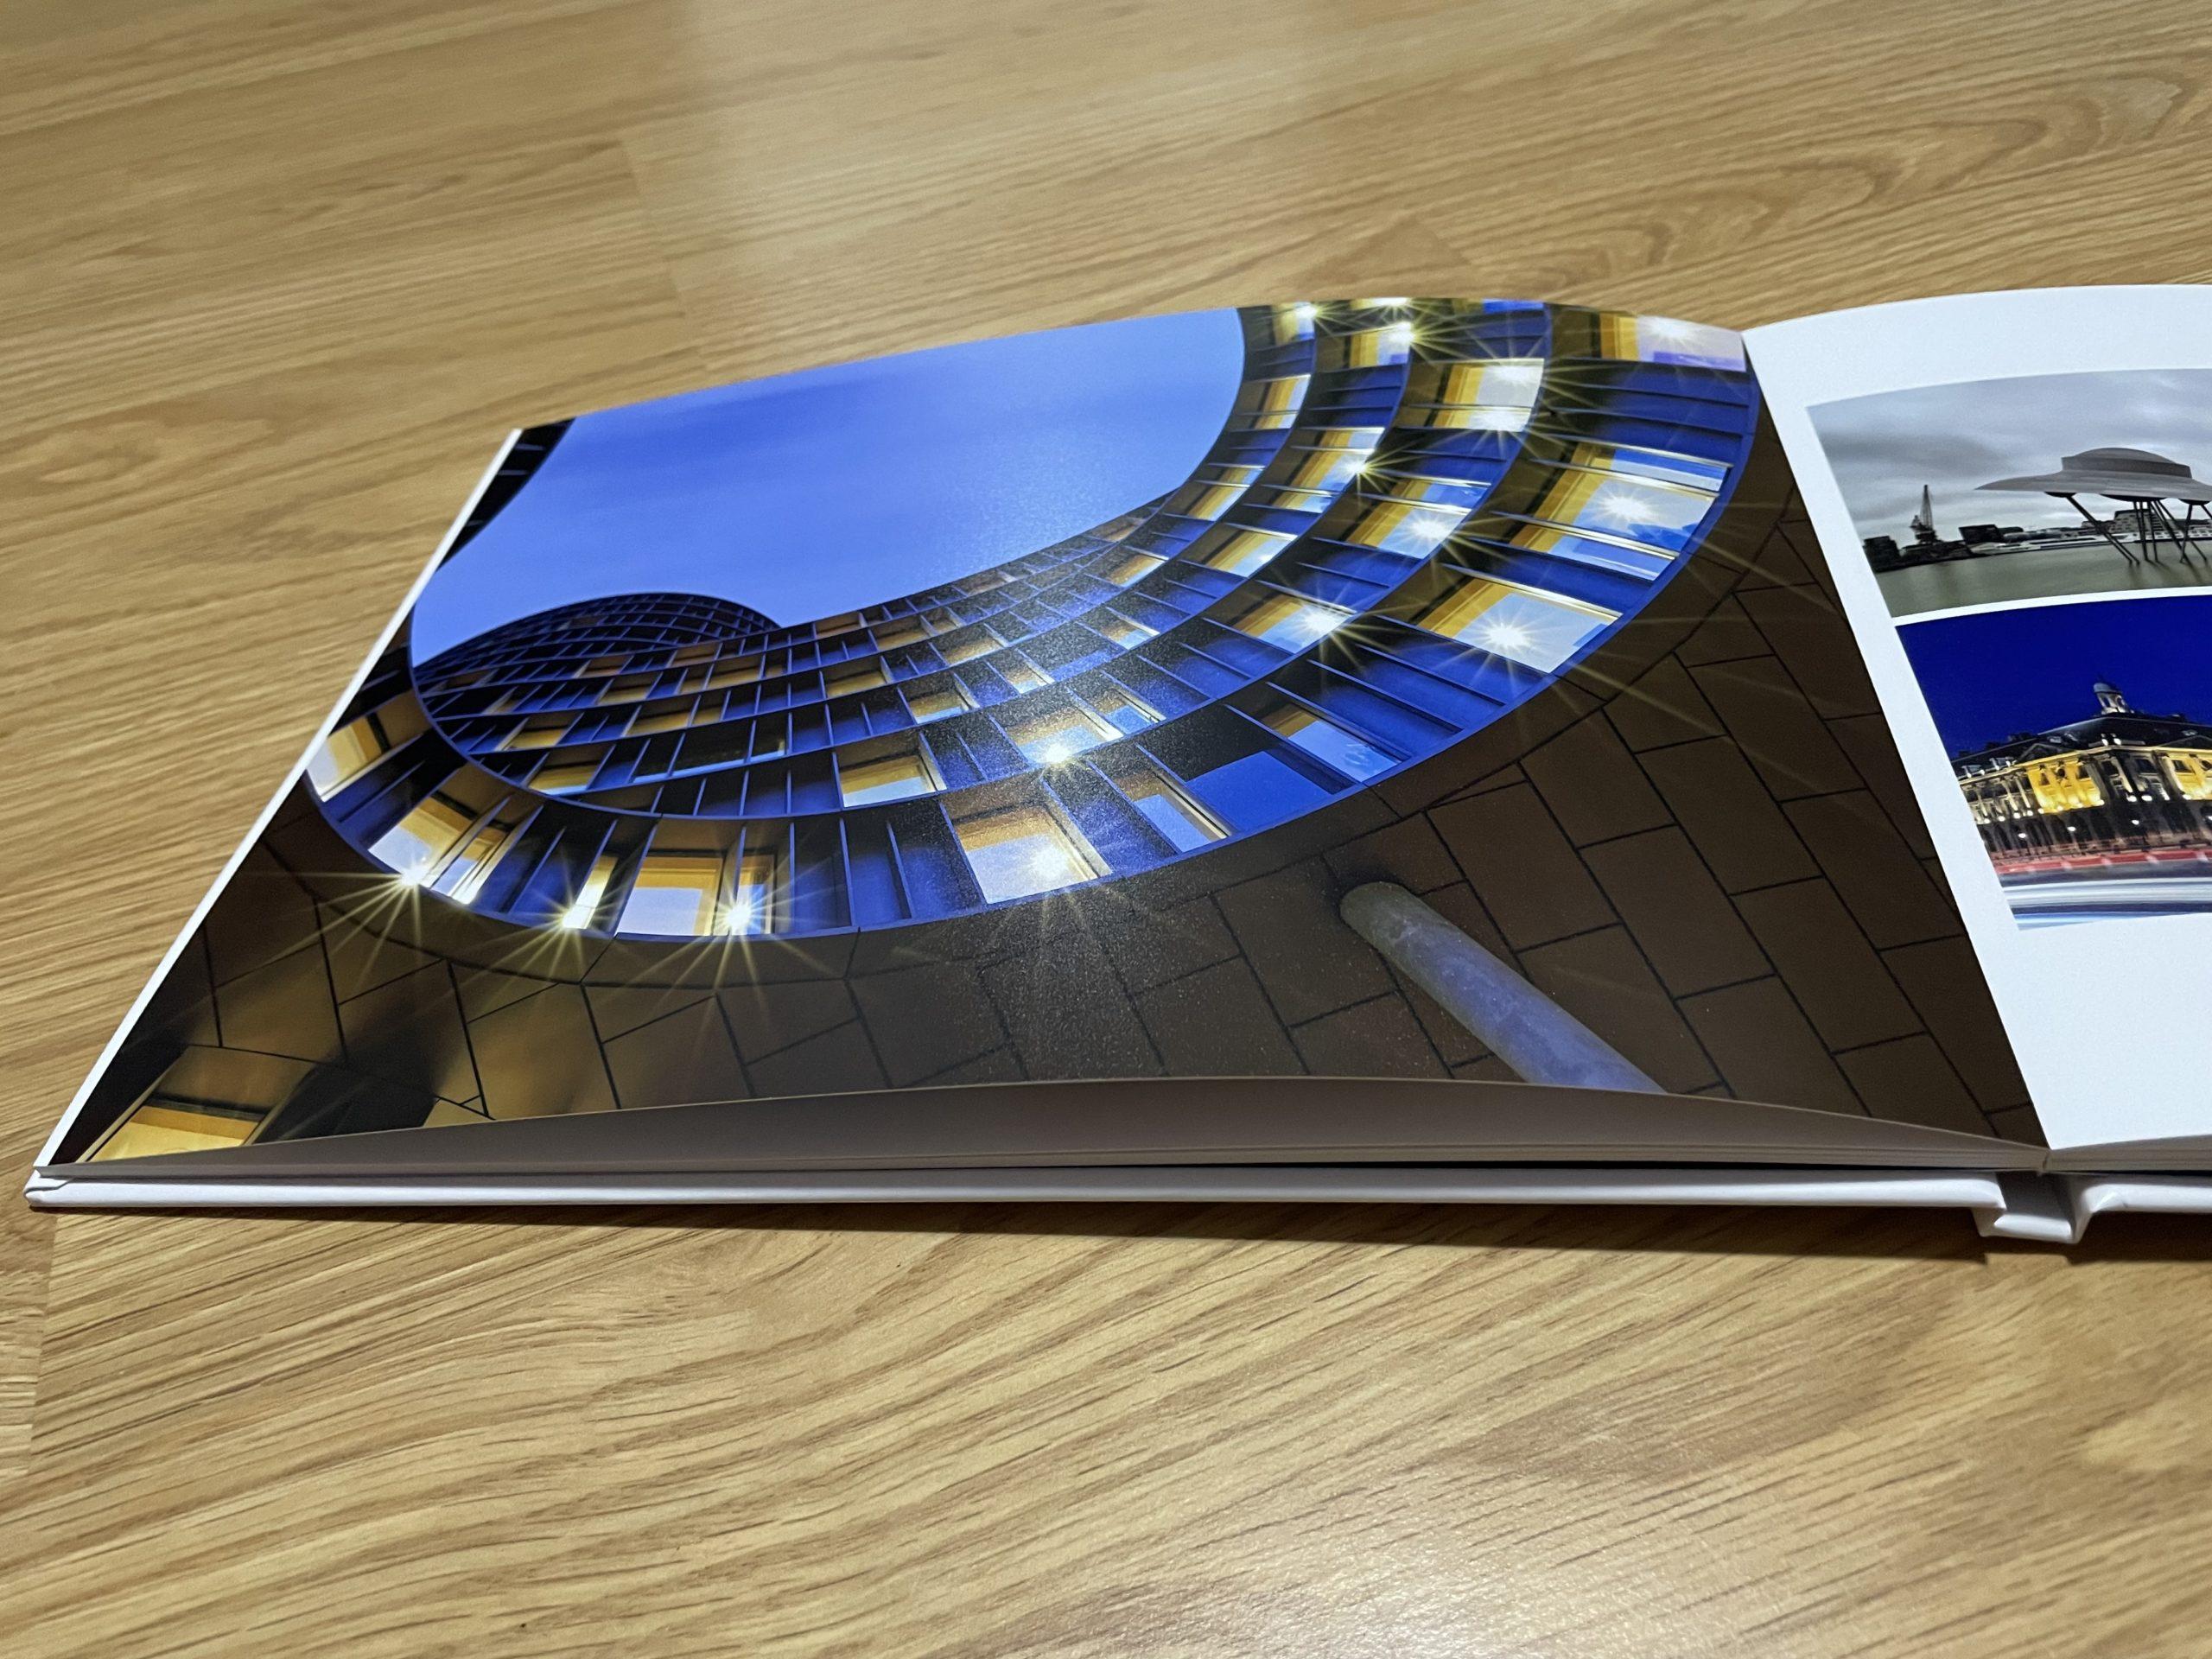 Test du livre photo de Photoweb